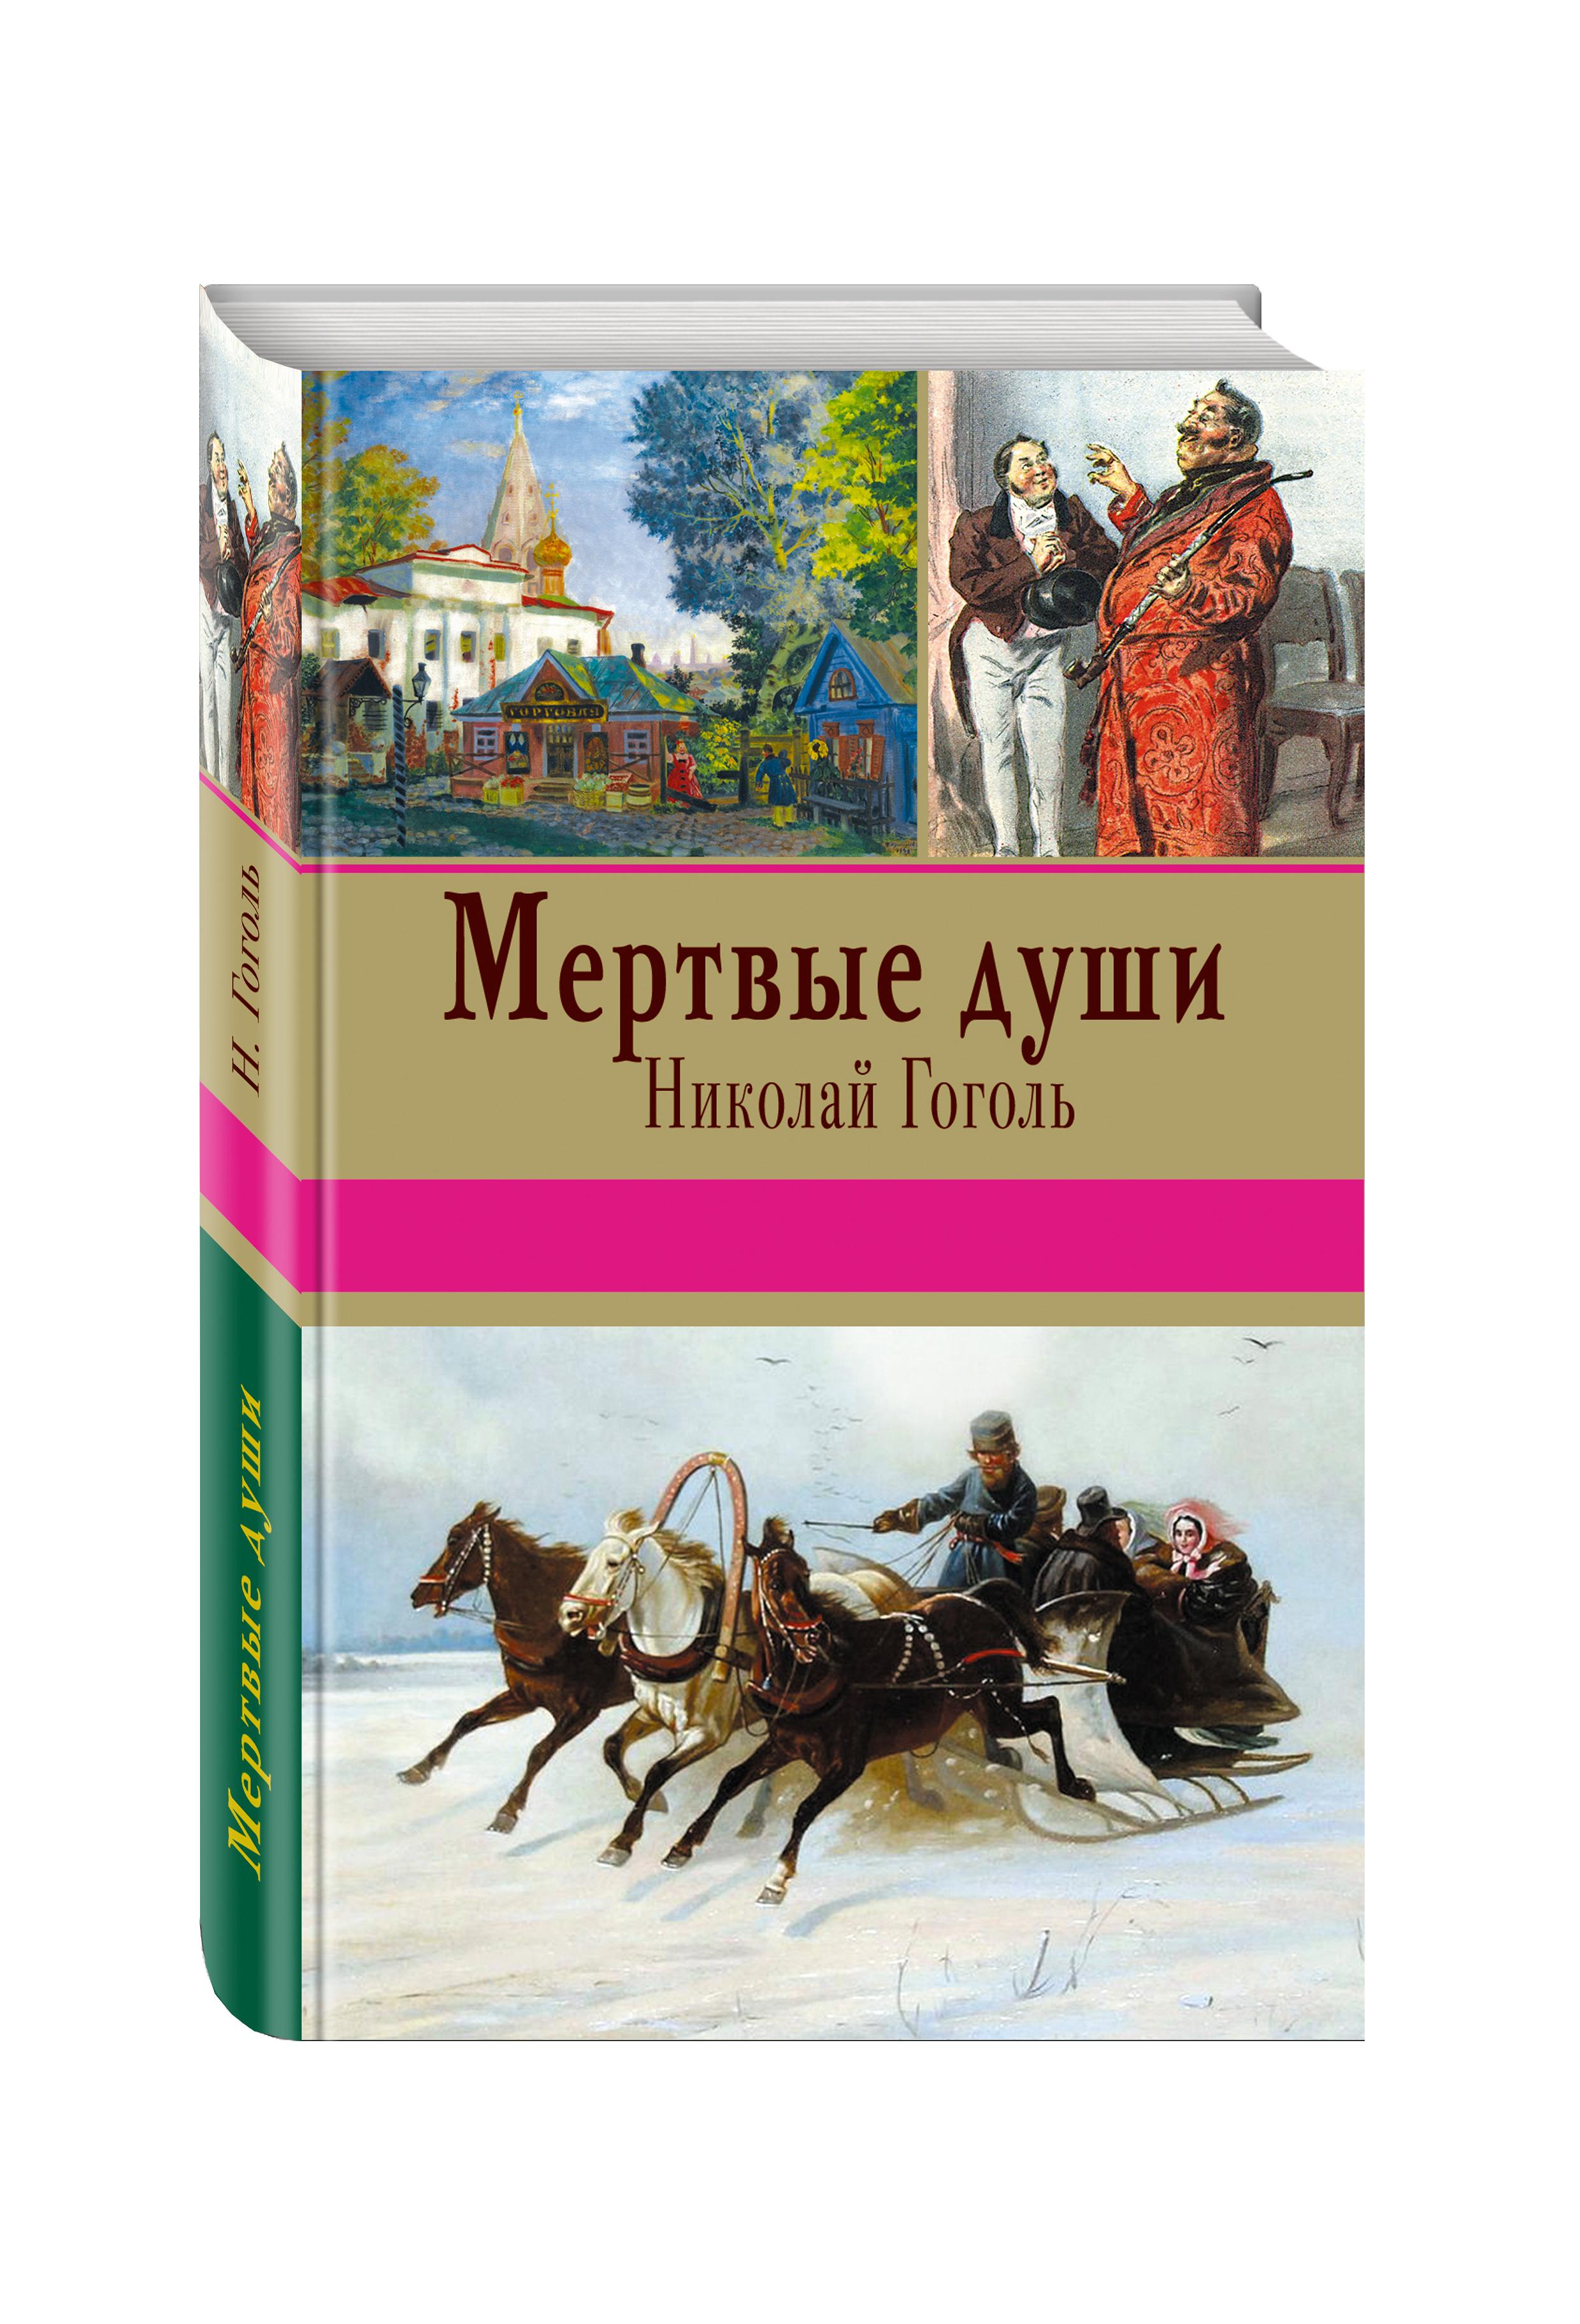 Мертвые души ( Гоголь Николай Васильевич  )